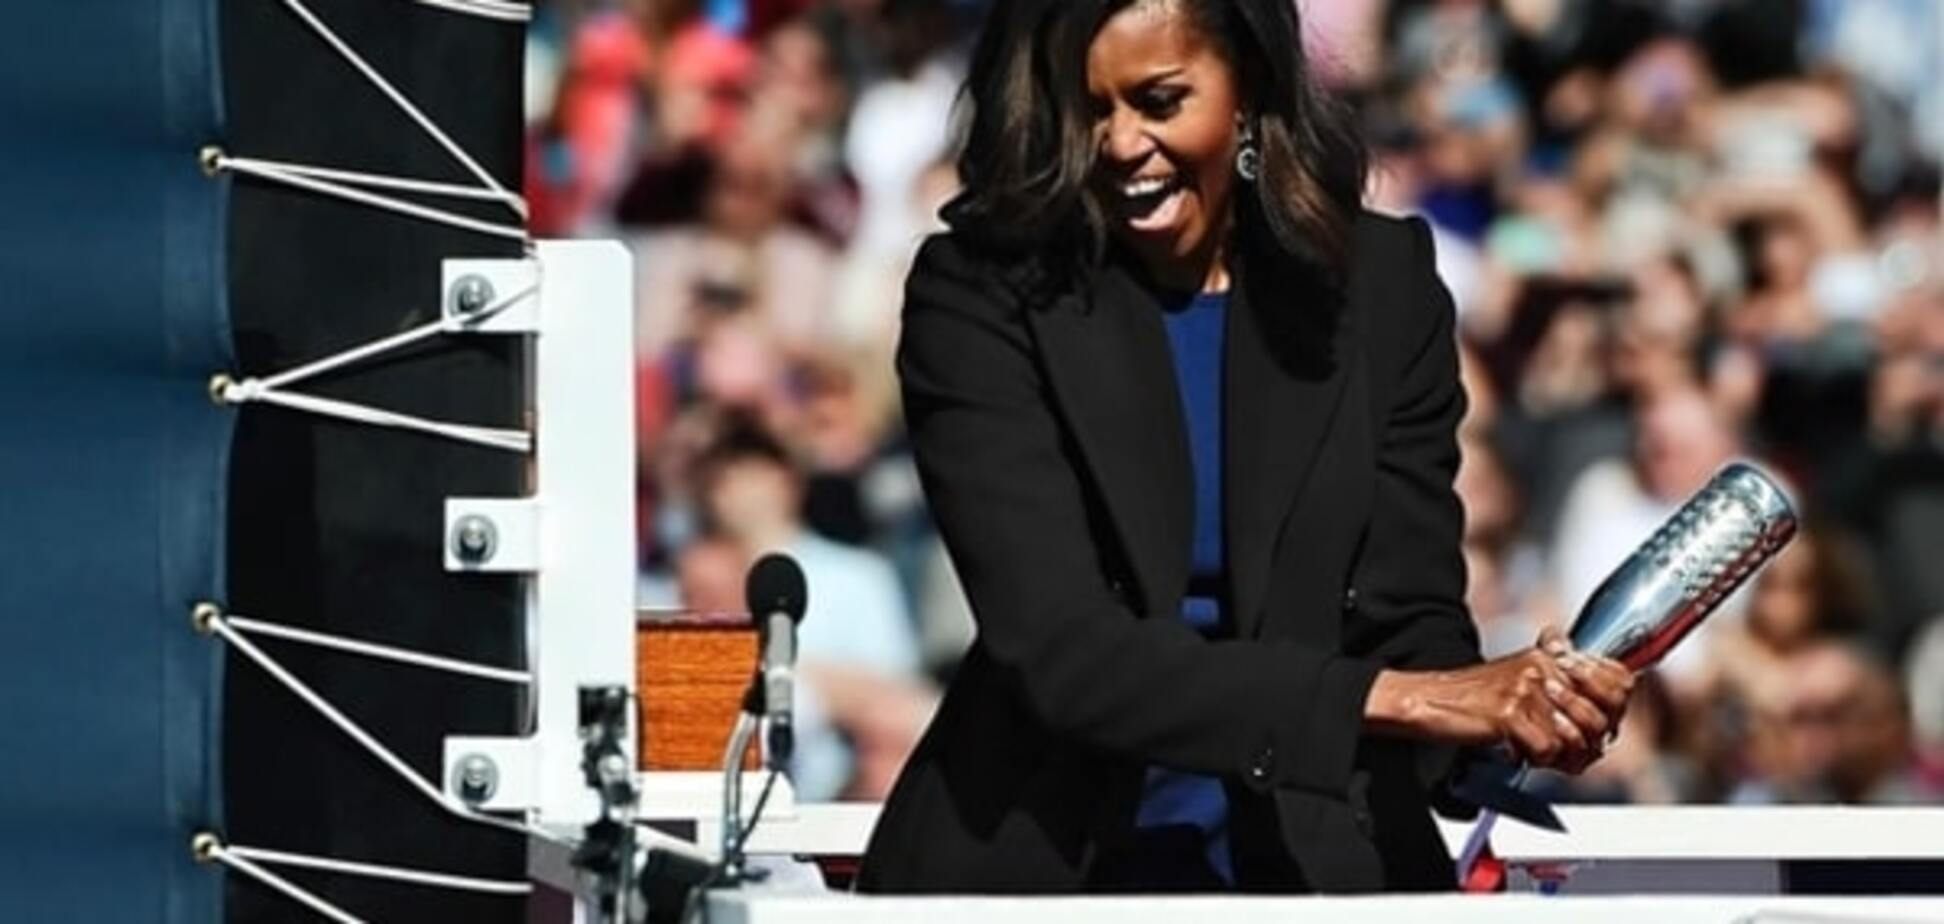 Бог любит троицу: Мишель Обама несколько раз била шампанским о новую субмарину. Фото и видеофакт